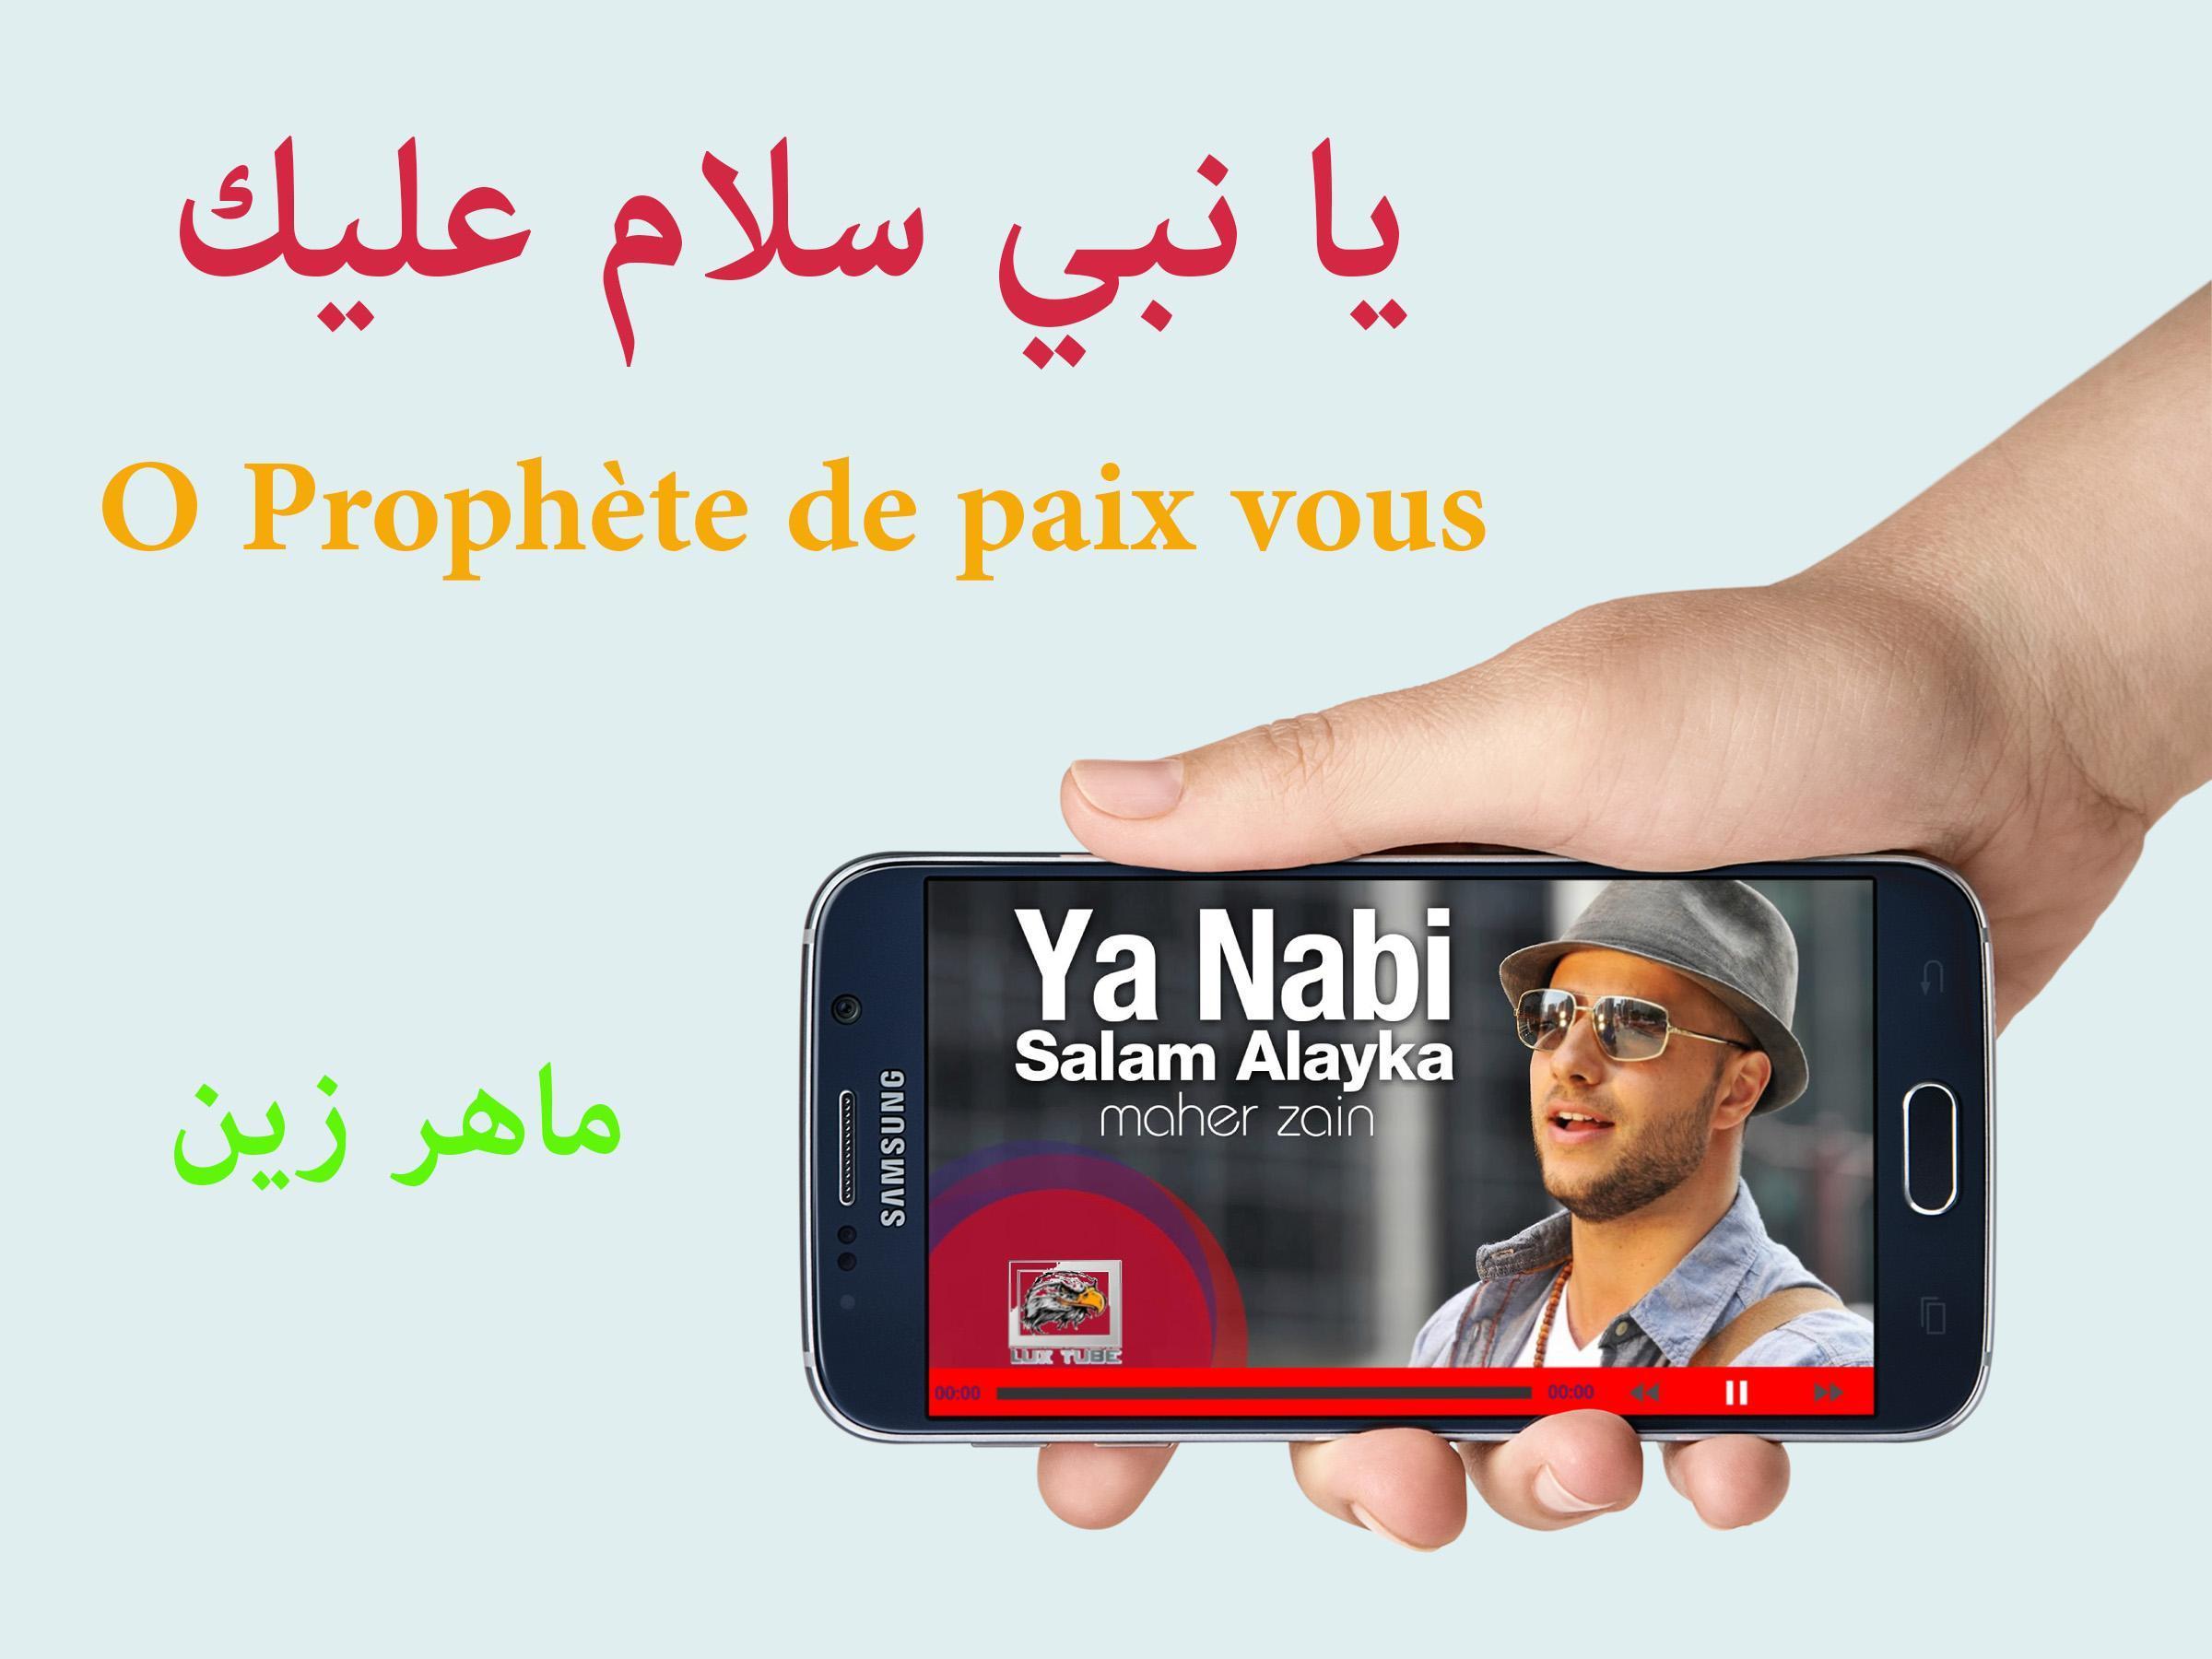 ماهر زين يا نبي سلام عليك For Android Apk Download